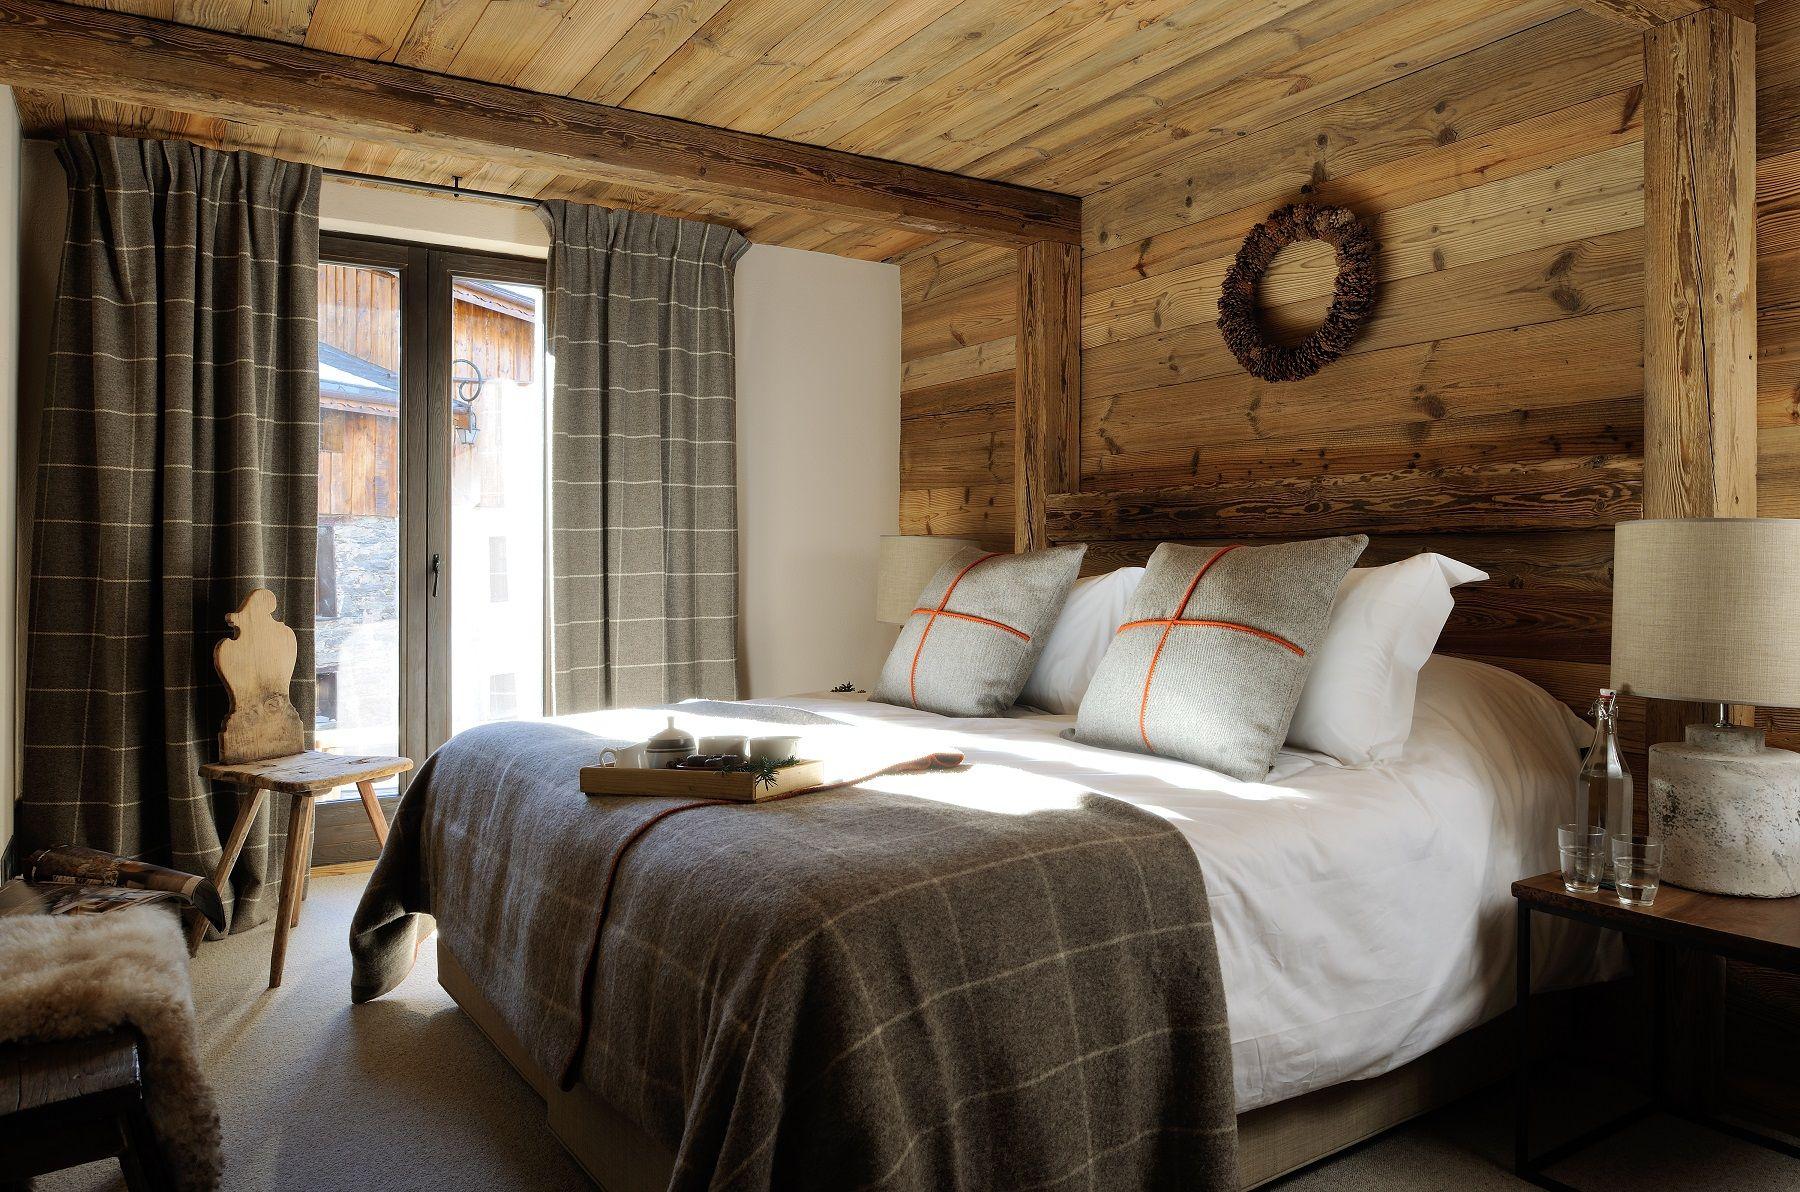 Double Rideaux Style Chalet chambre double, vieux bois, rideaux, coussins, jetée de lit